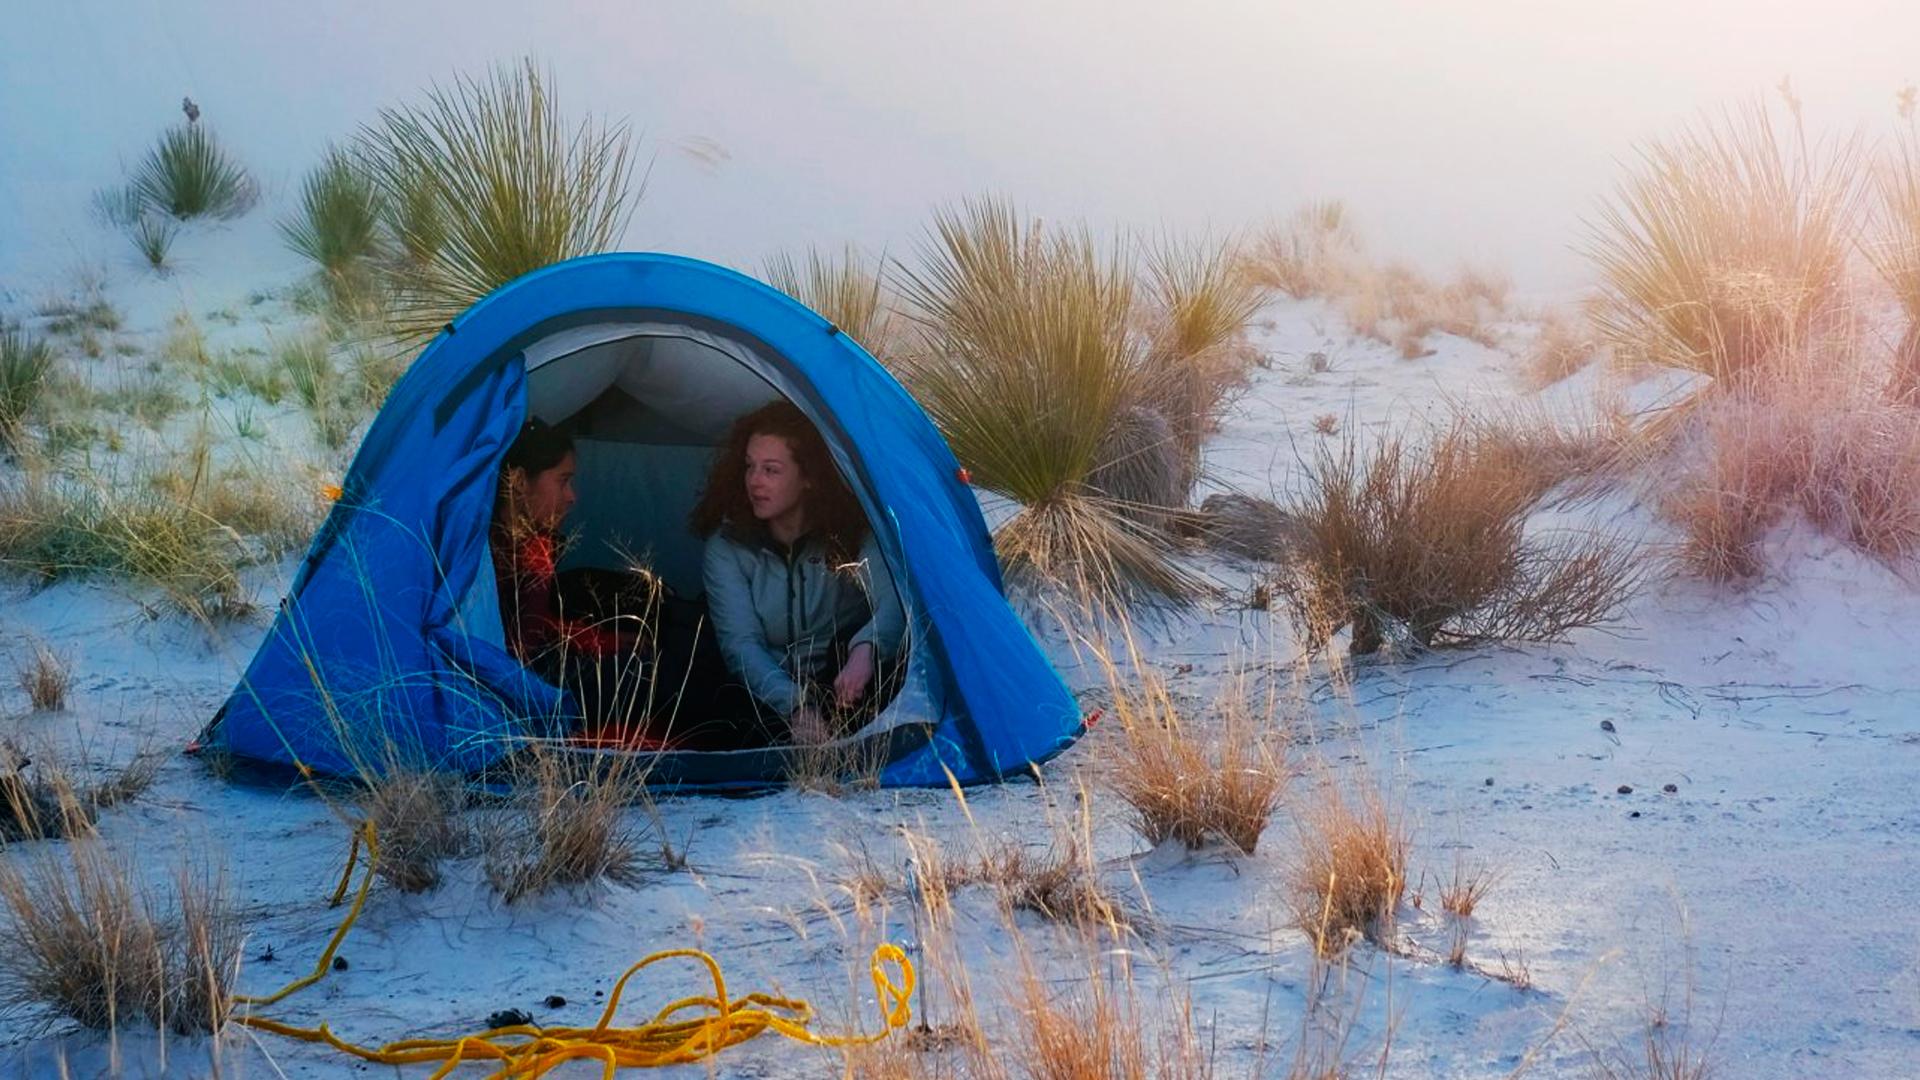 Duas amigas dentro de uma barraca, que está em um local com bastante areia.